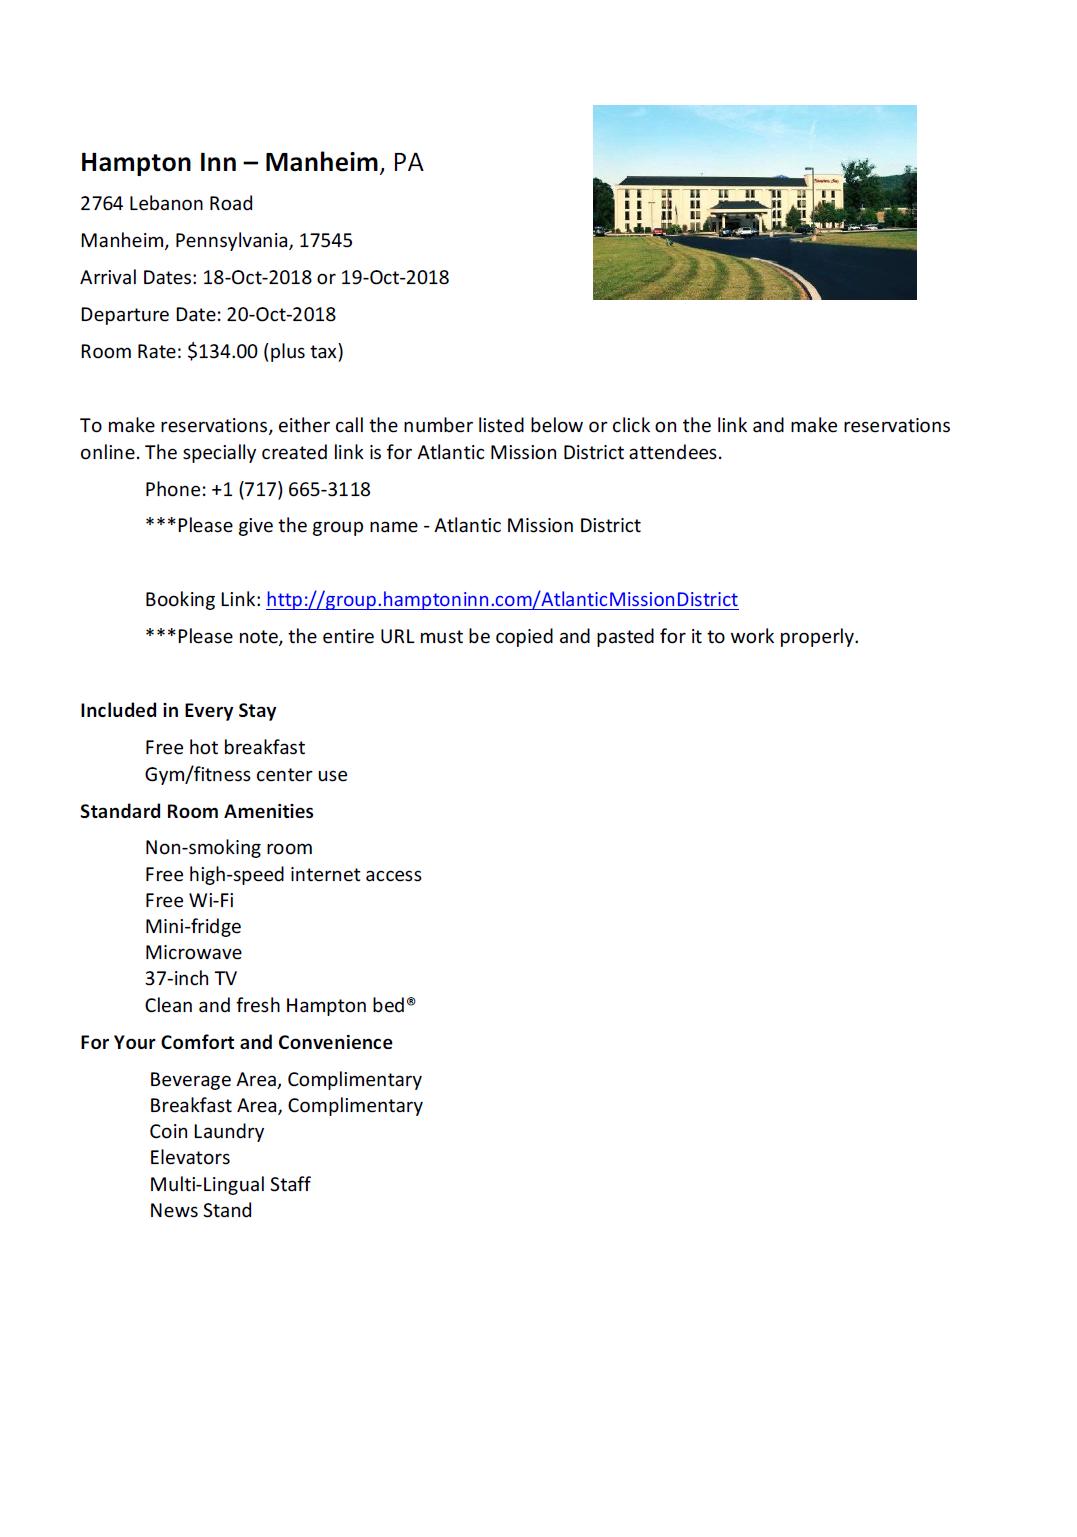 Hampton Inn Info Sheet